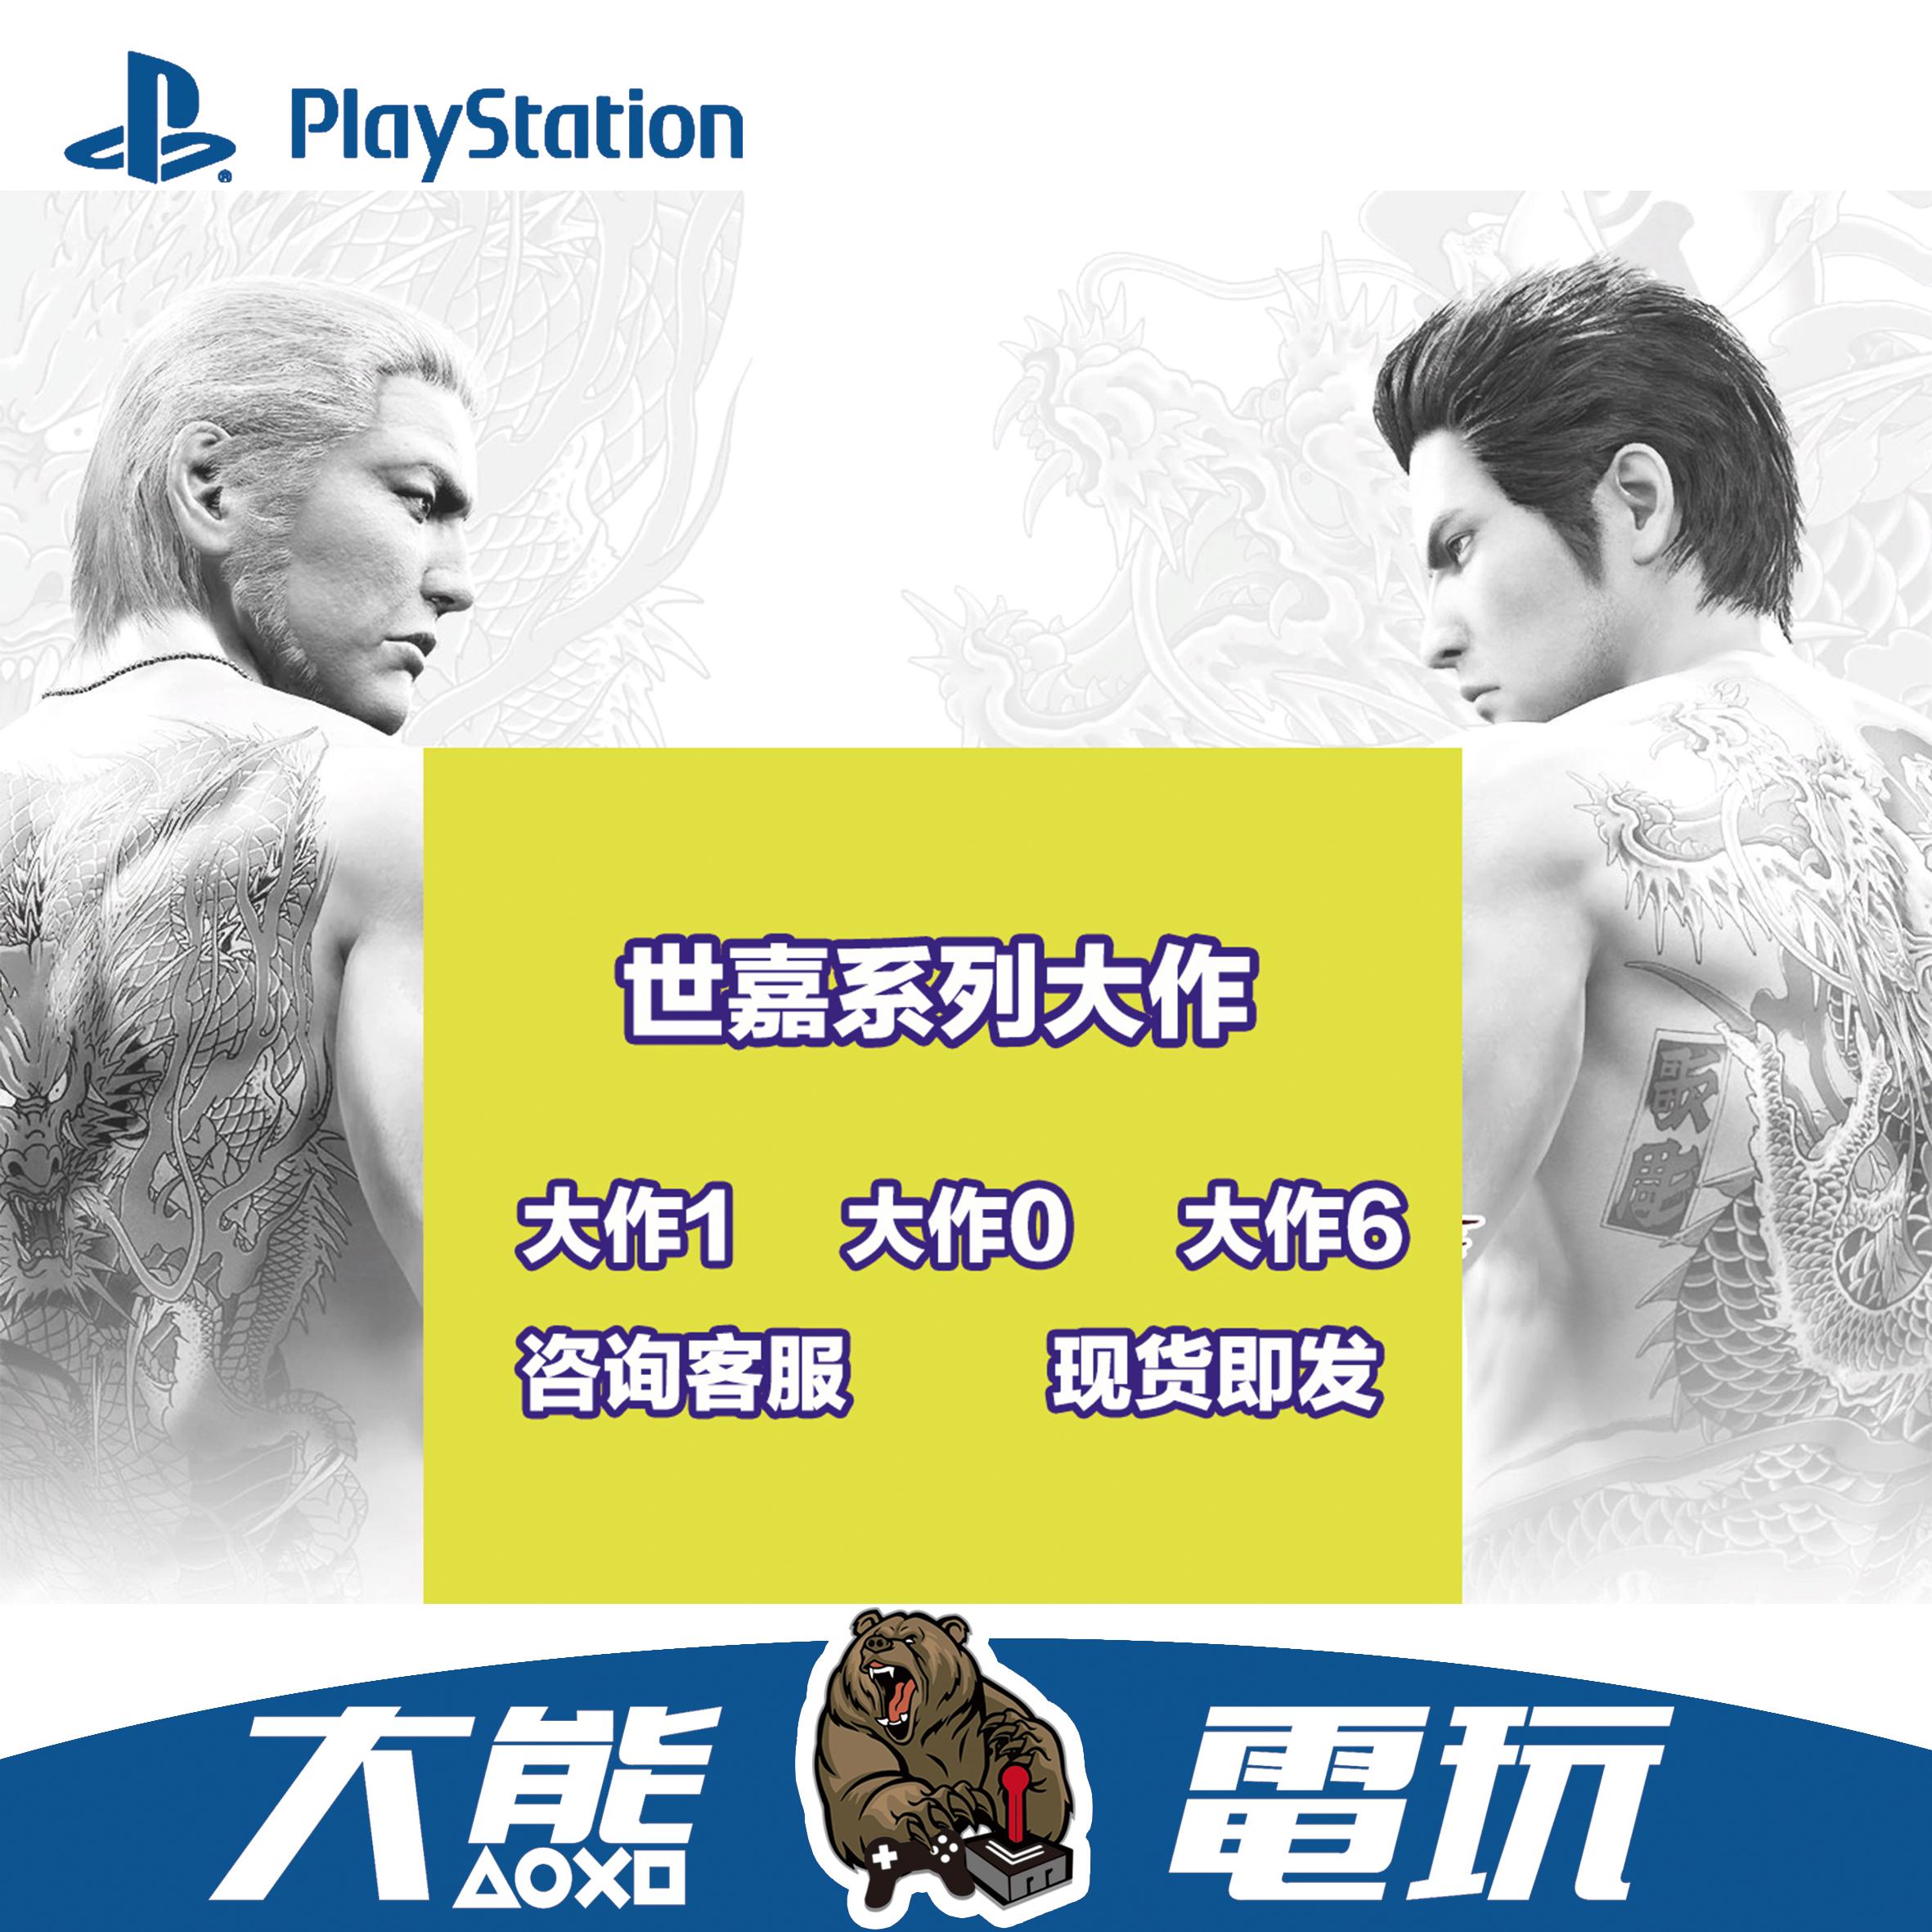 PS4 игра sega дракон 0 6 поляк 1 сложный тело китайский большой сделать 0 RPG hong kong версия китайский новое место чтобы волосы